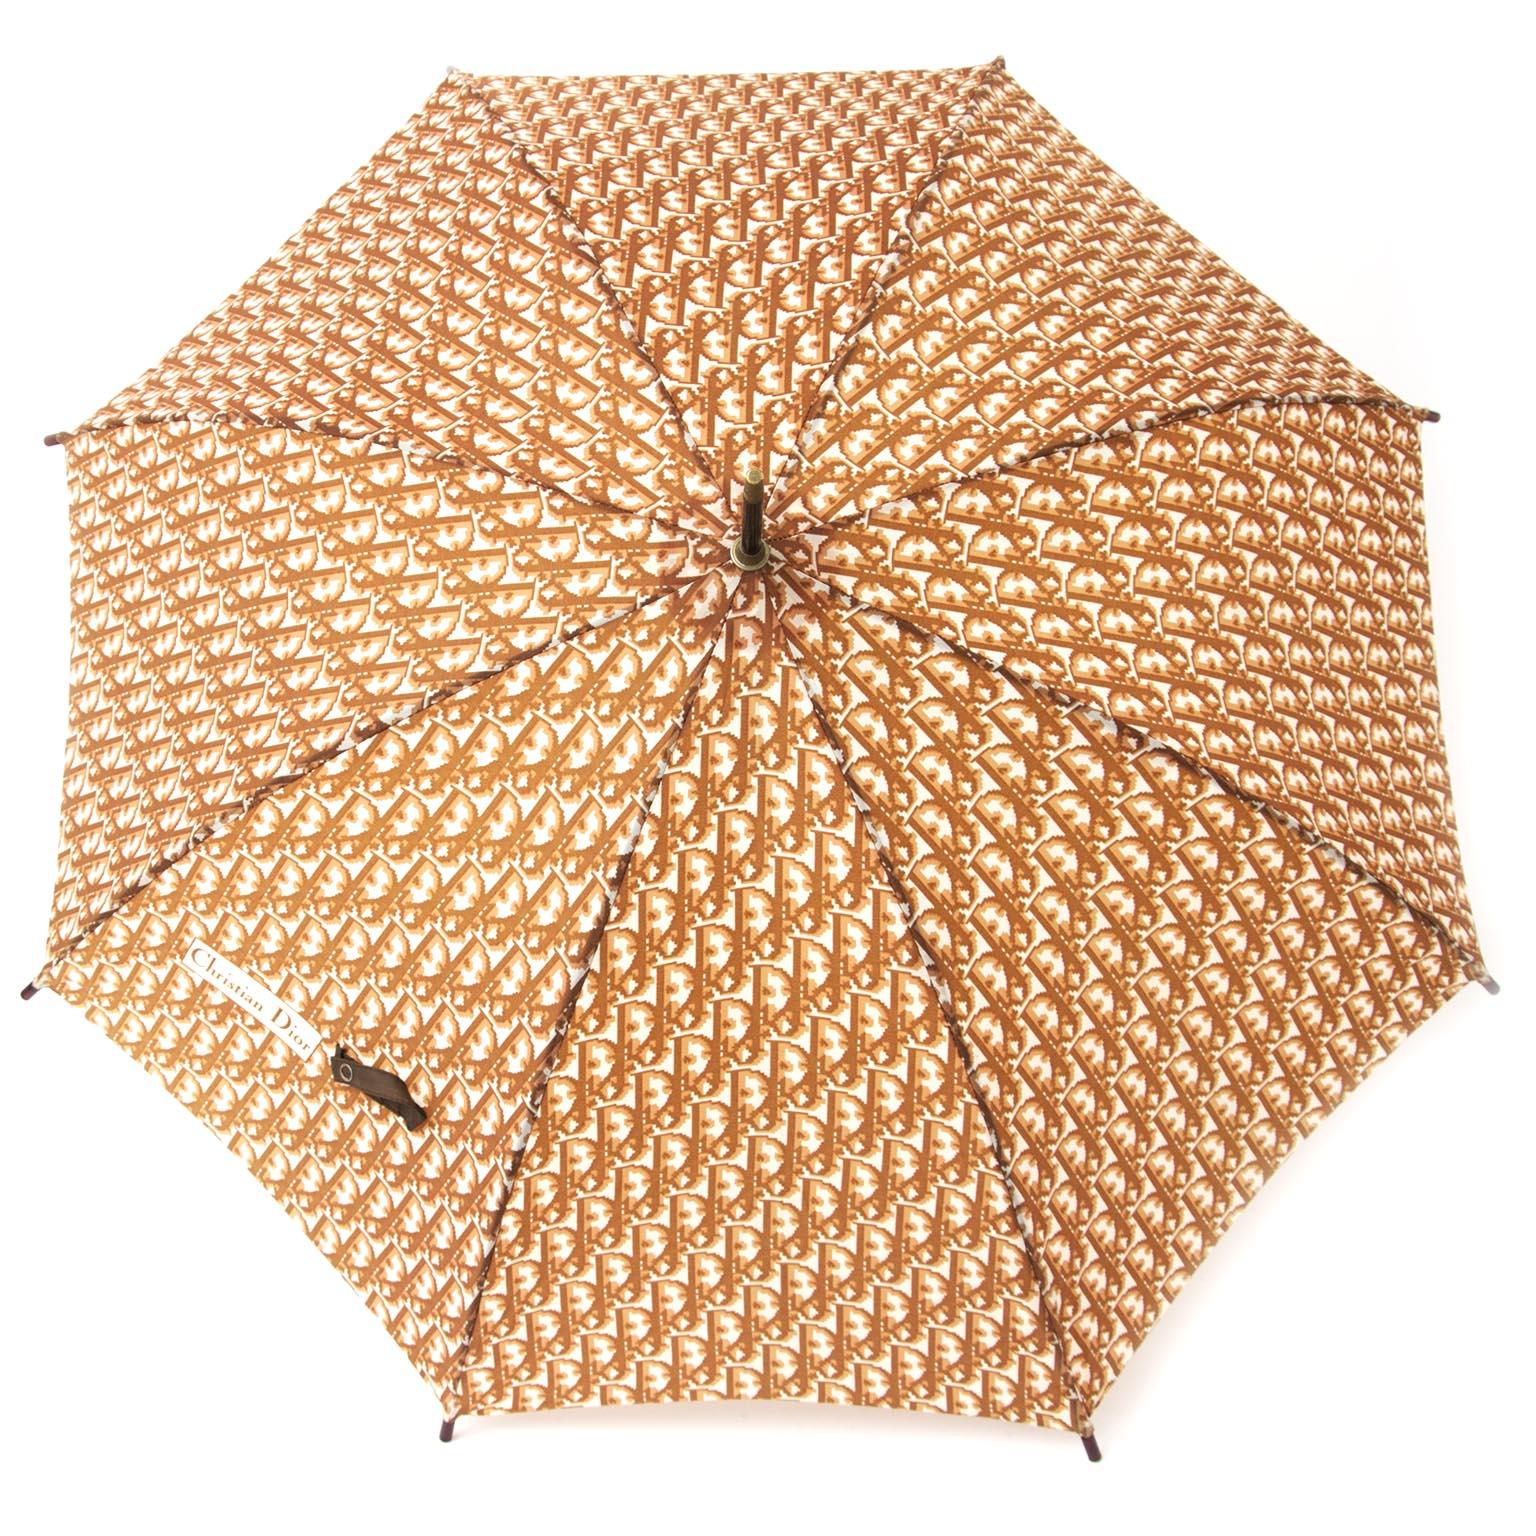 koop 2de hands Christian Dior Brown monogram  paraplu aan de beste prijs online webshop labellov.Com